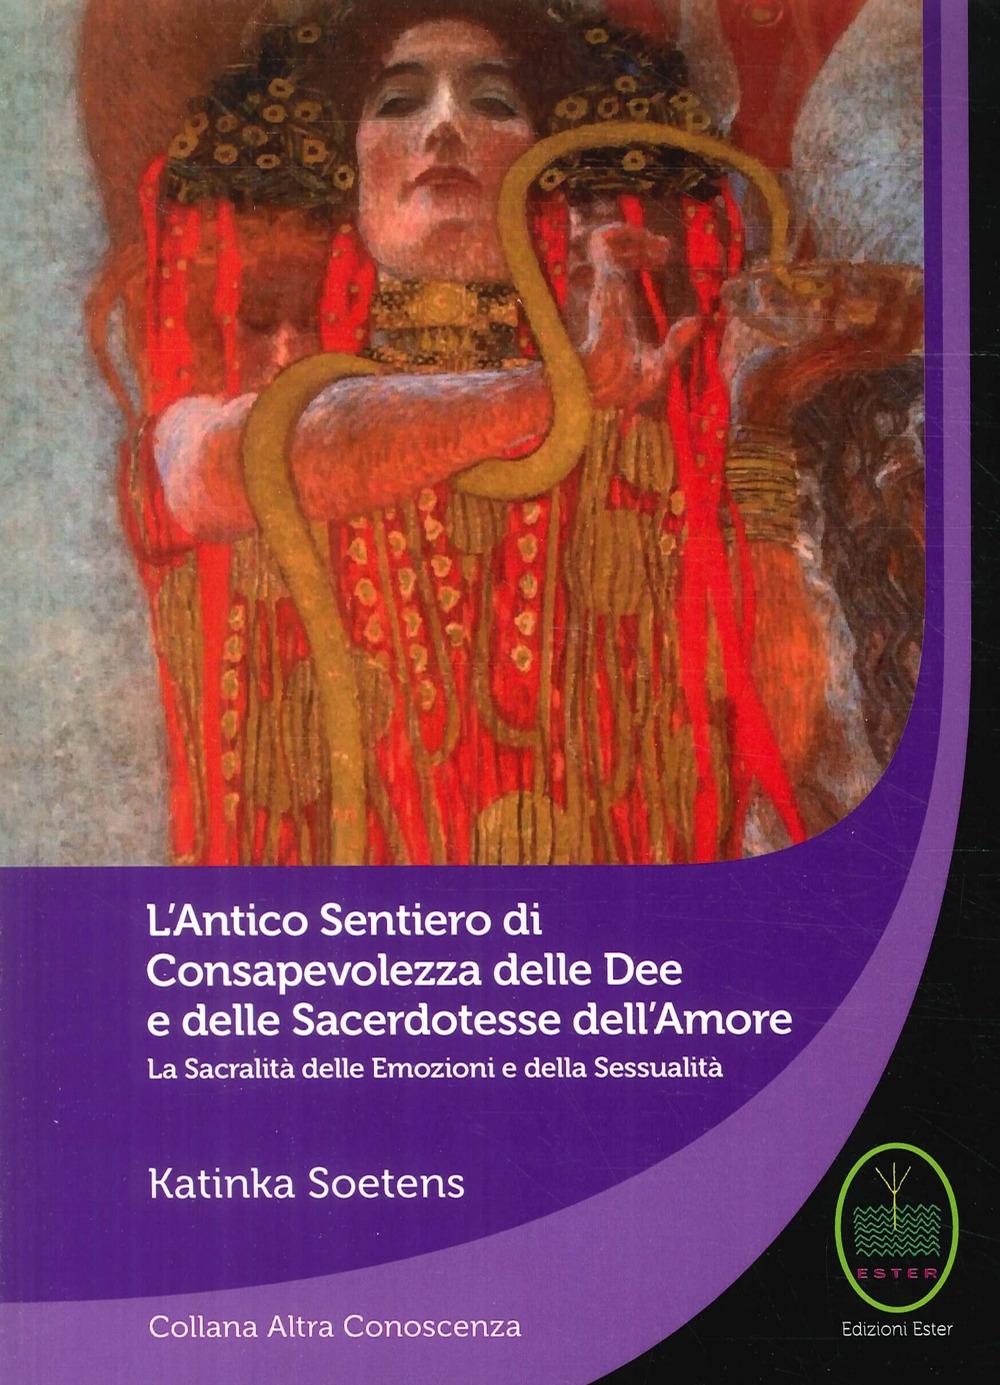 L'Antico Sentiero di Consapevolezza delle Dee e delle Sacerdotesse Dell'Amore.